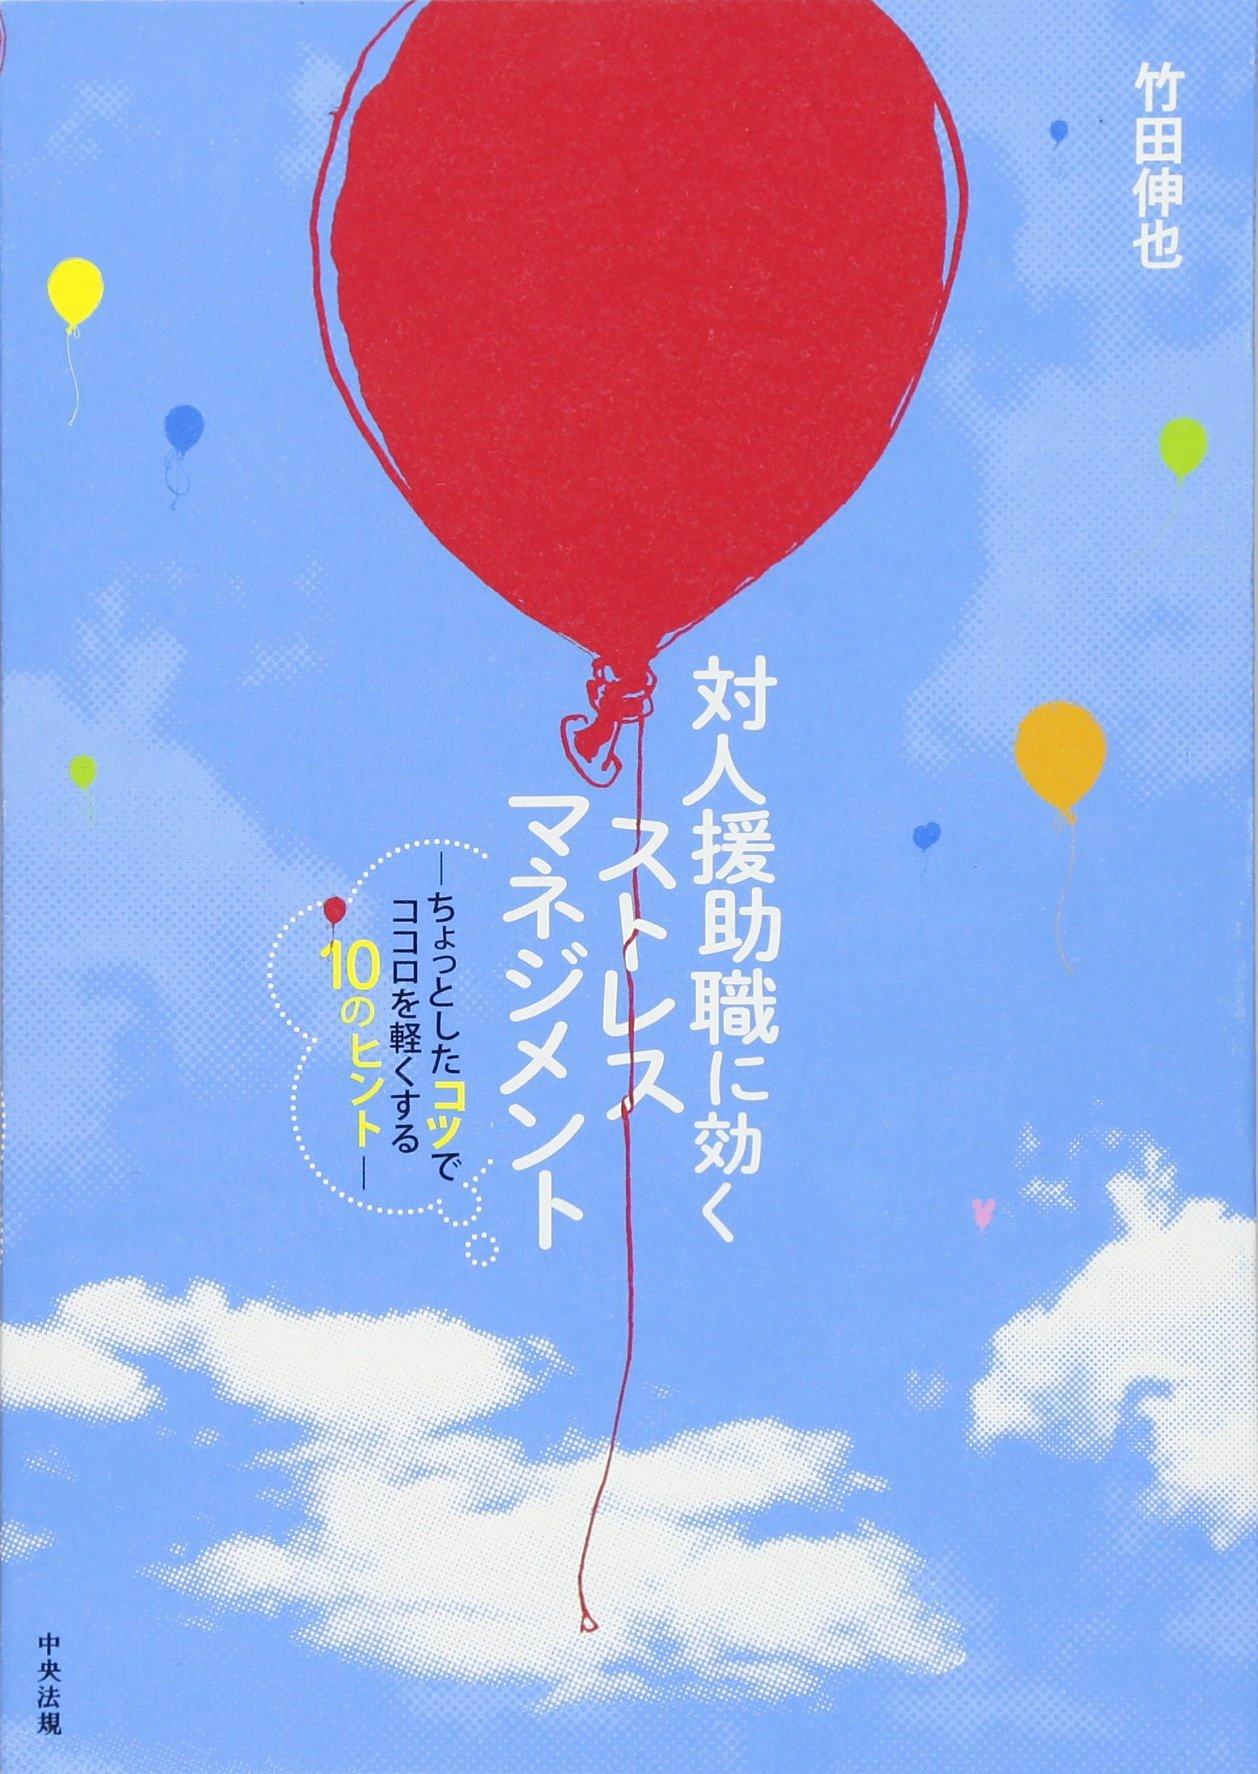 Read Online Taijin enjoshoku ni kiku sutoresu manejimento : Chotto shita kotsu de kokoro o karuku suru ju no hinto. pdf